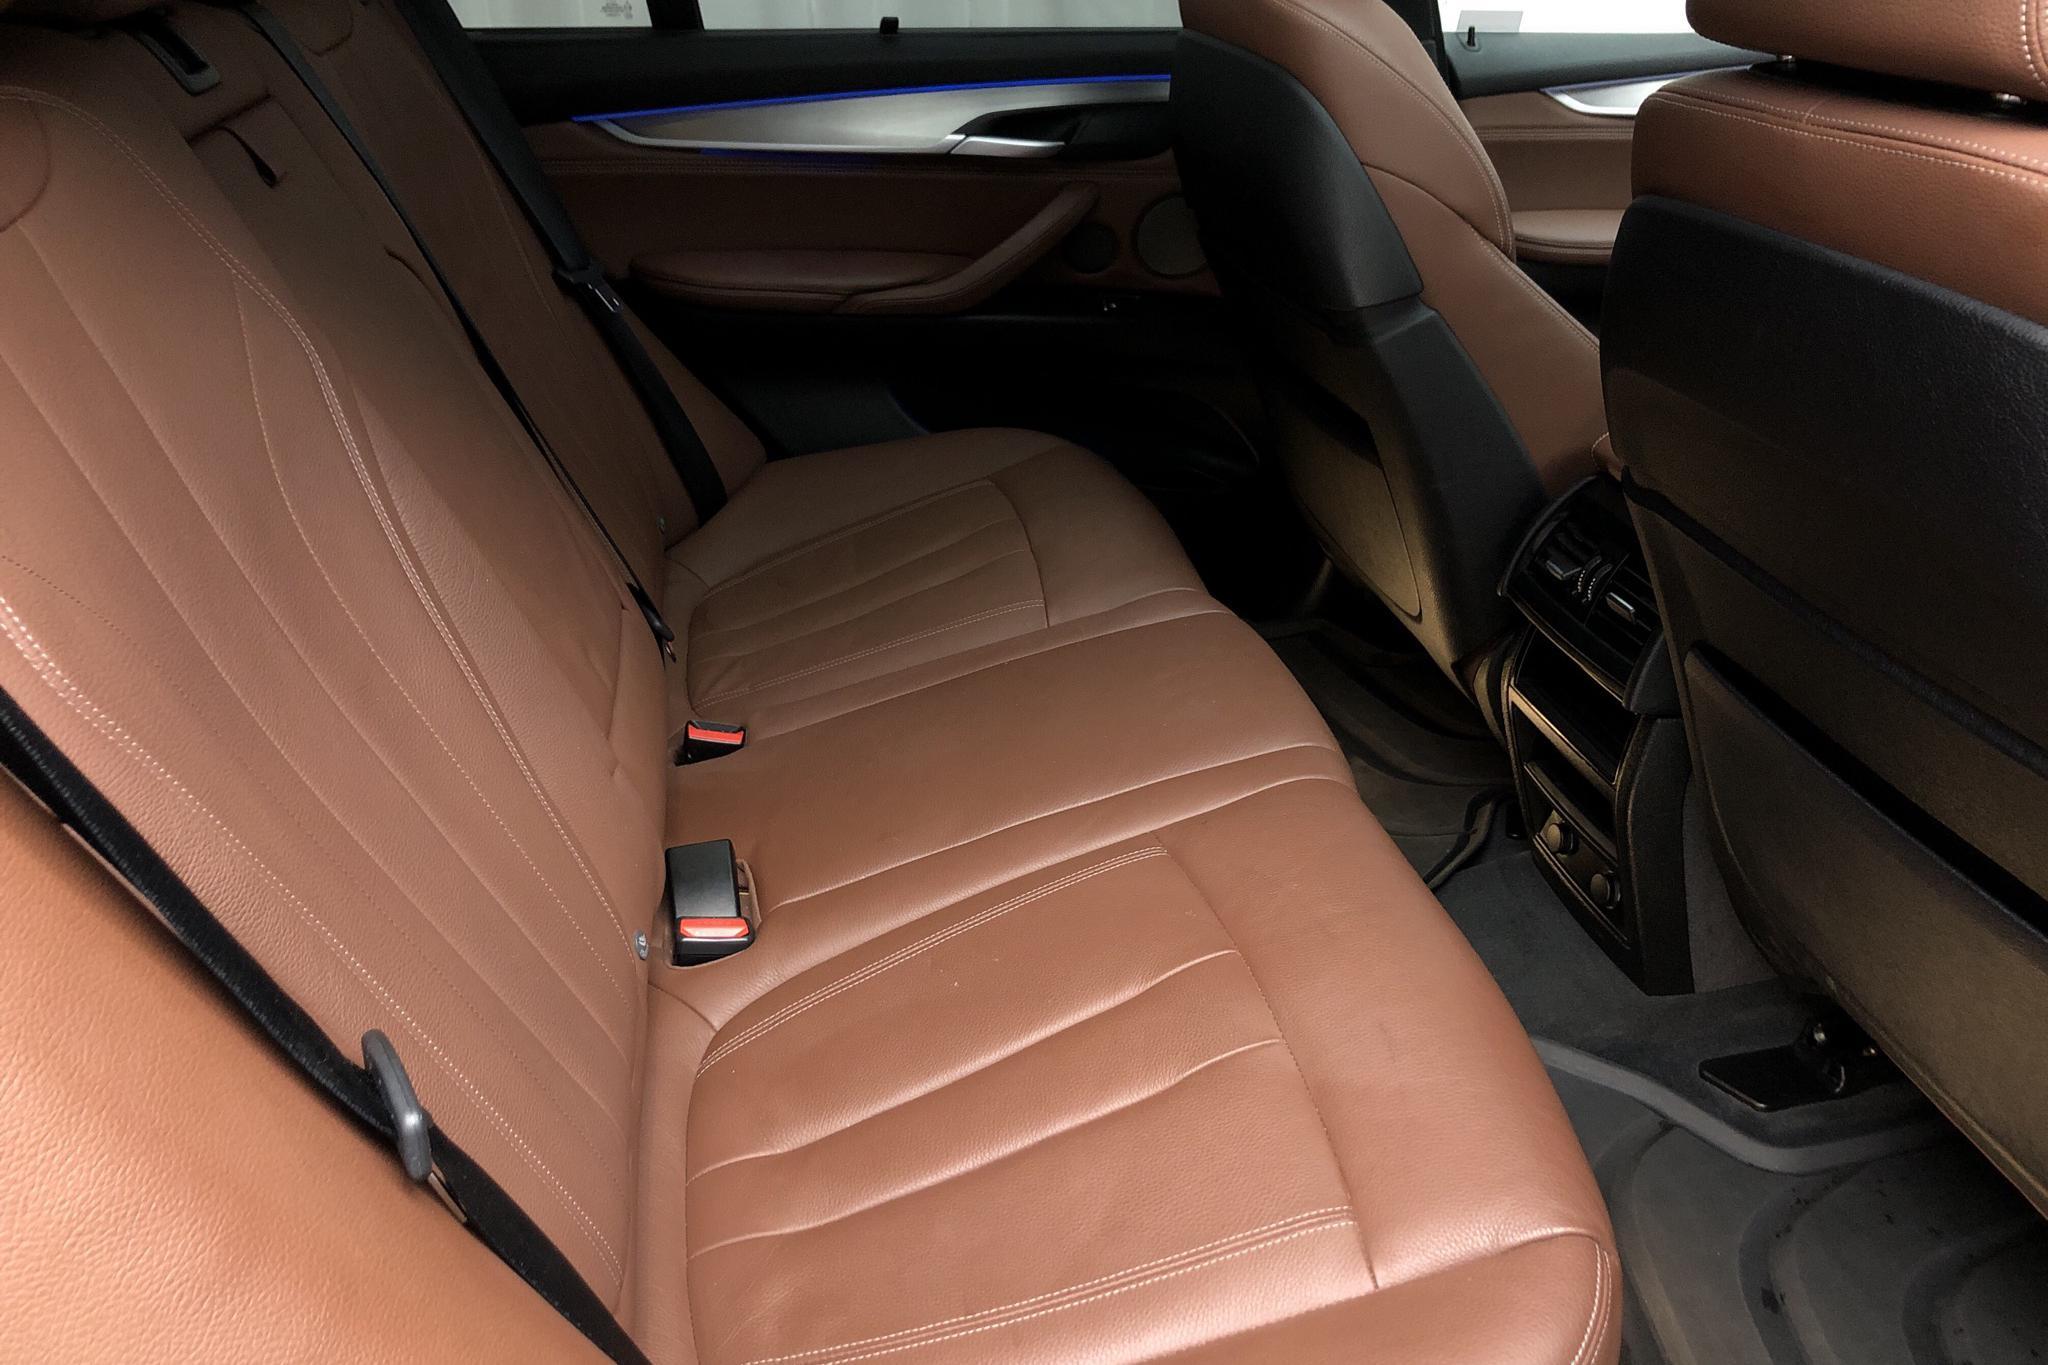 BMW X5 xDrive40e, F15 (245hk) - 67 150 km - Automatic - gray - 2017